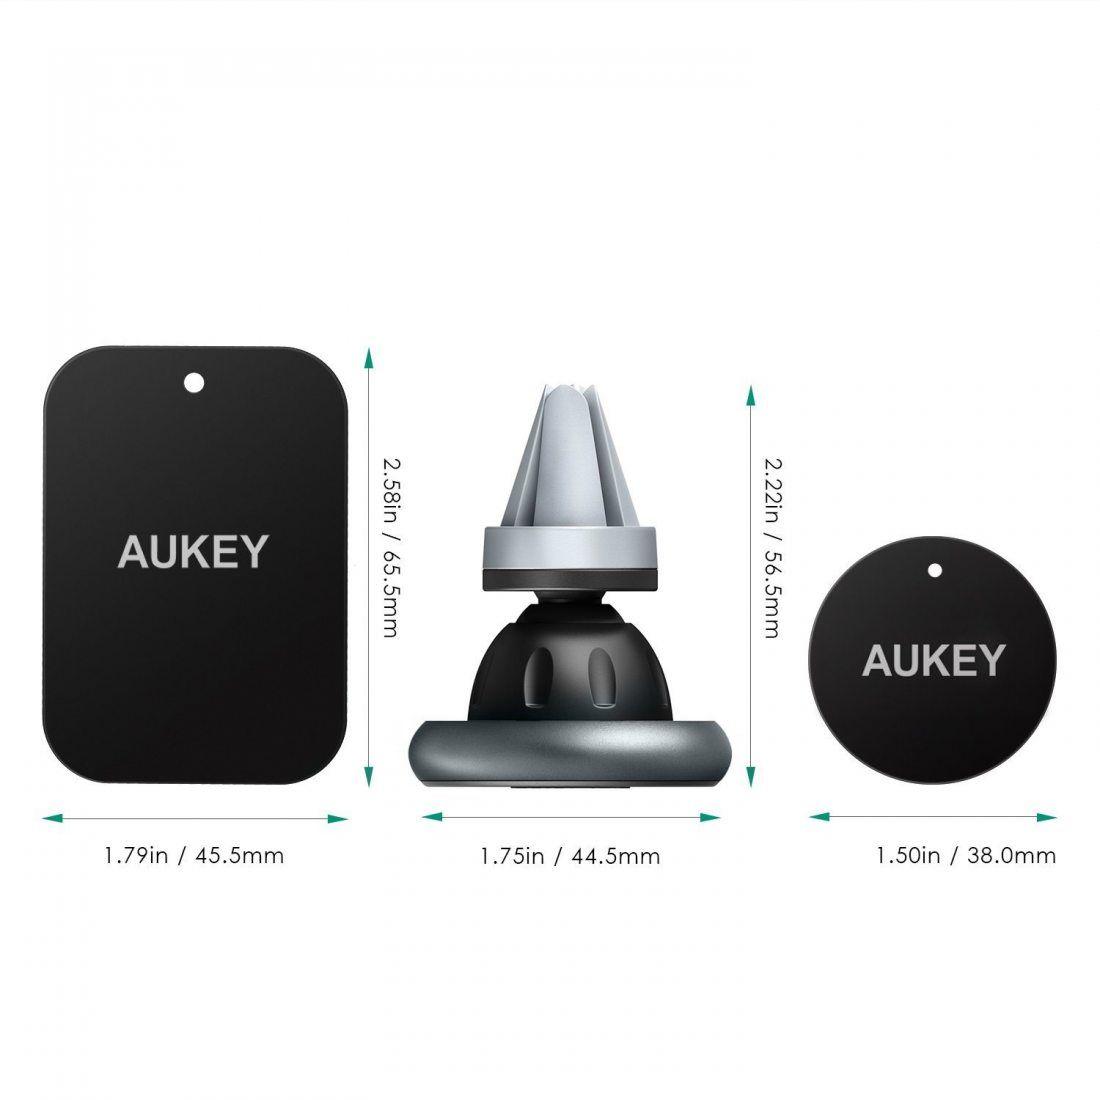 Aukey HD-C12 Support de Smartphone pour voiture pour iPhone 6/6S/Samsung Galaxy/Nexus/etc. Gris Sidéral